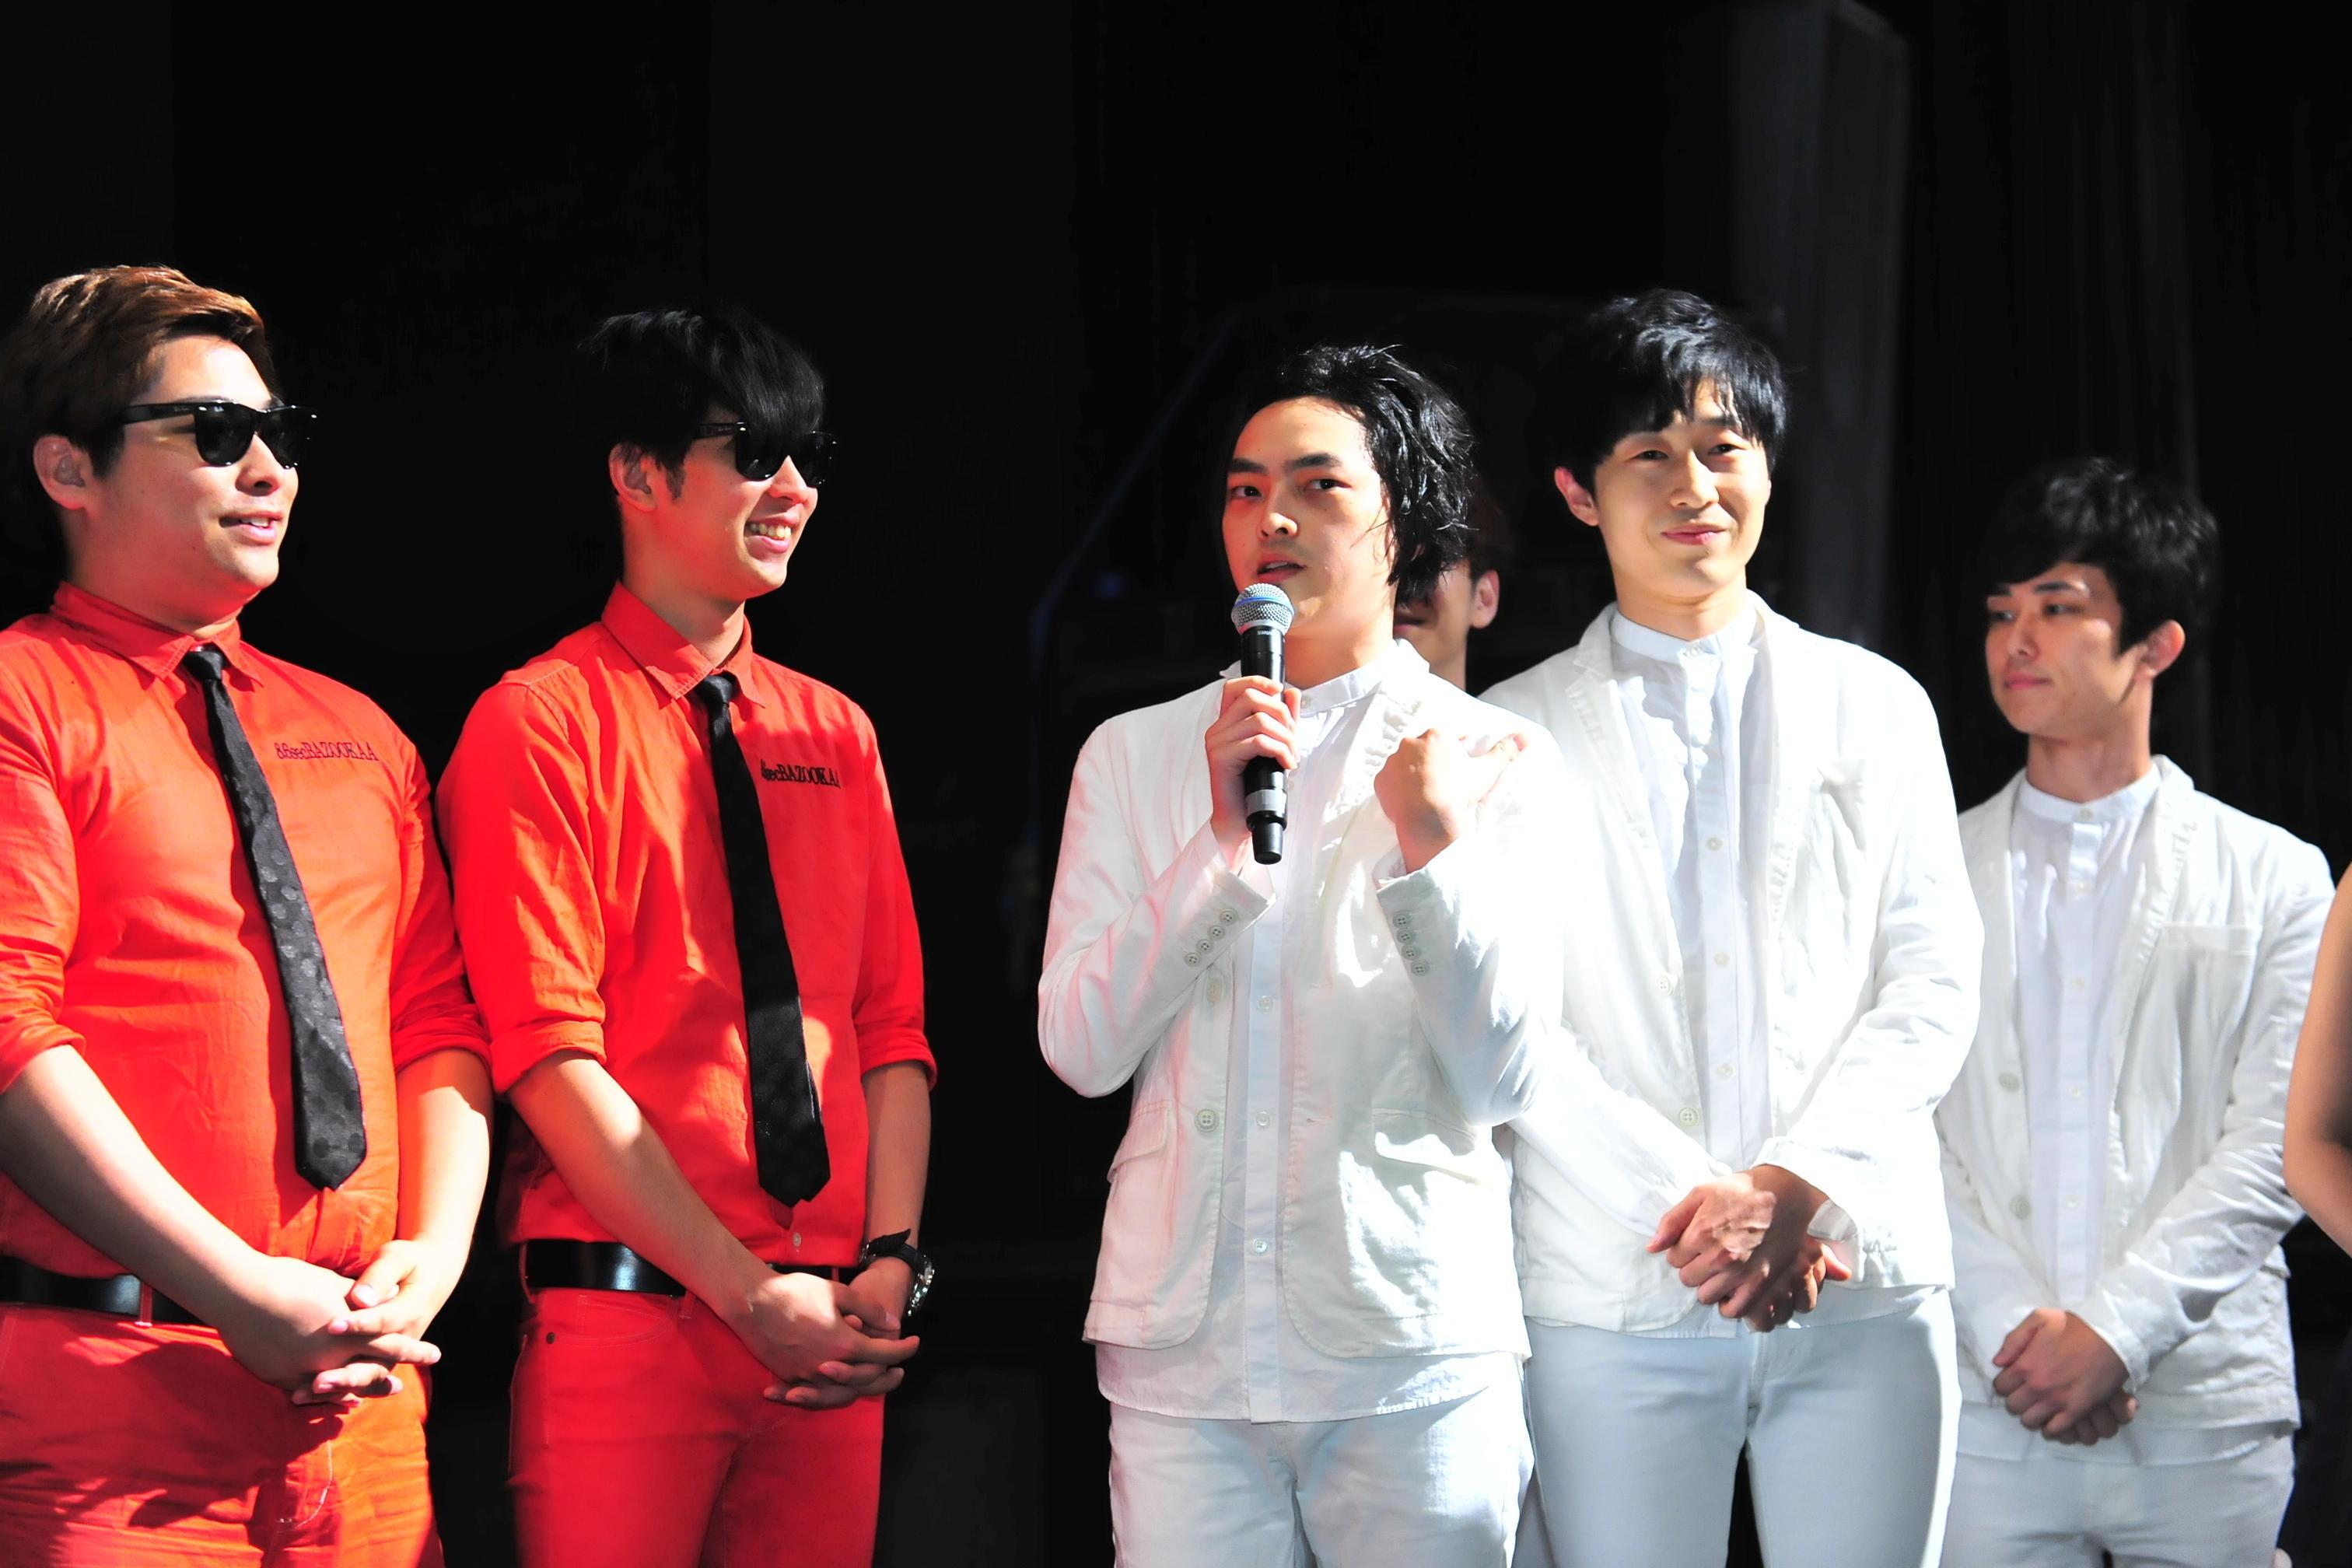 http://news.yoshimoto.co.jp/20160730192718-2b440d3f6dcf8a2a5efbc54981f041168883dd90.jpg